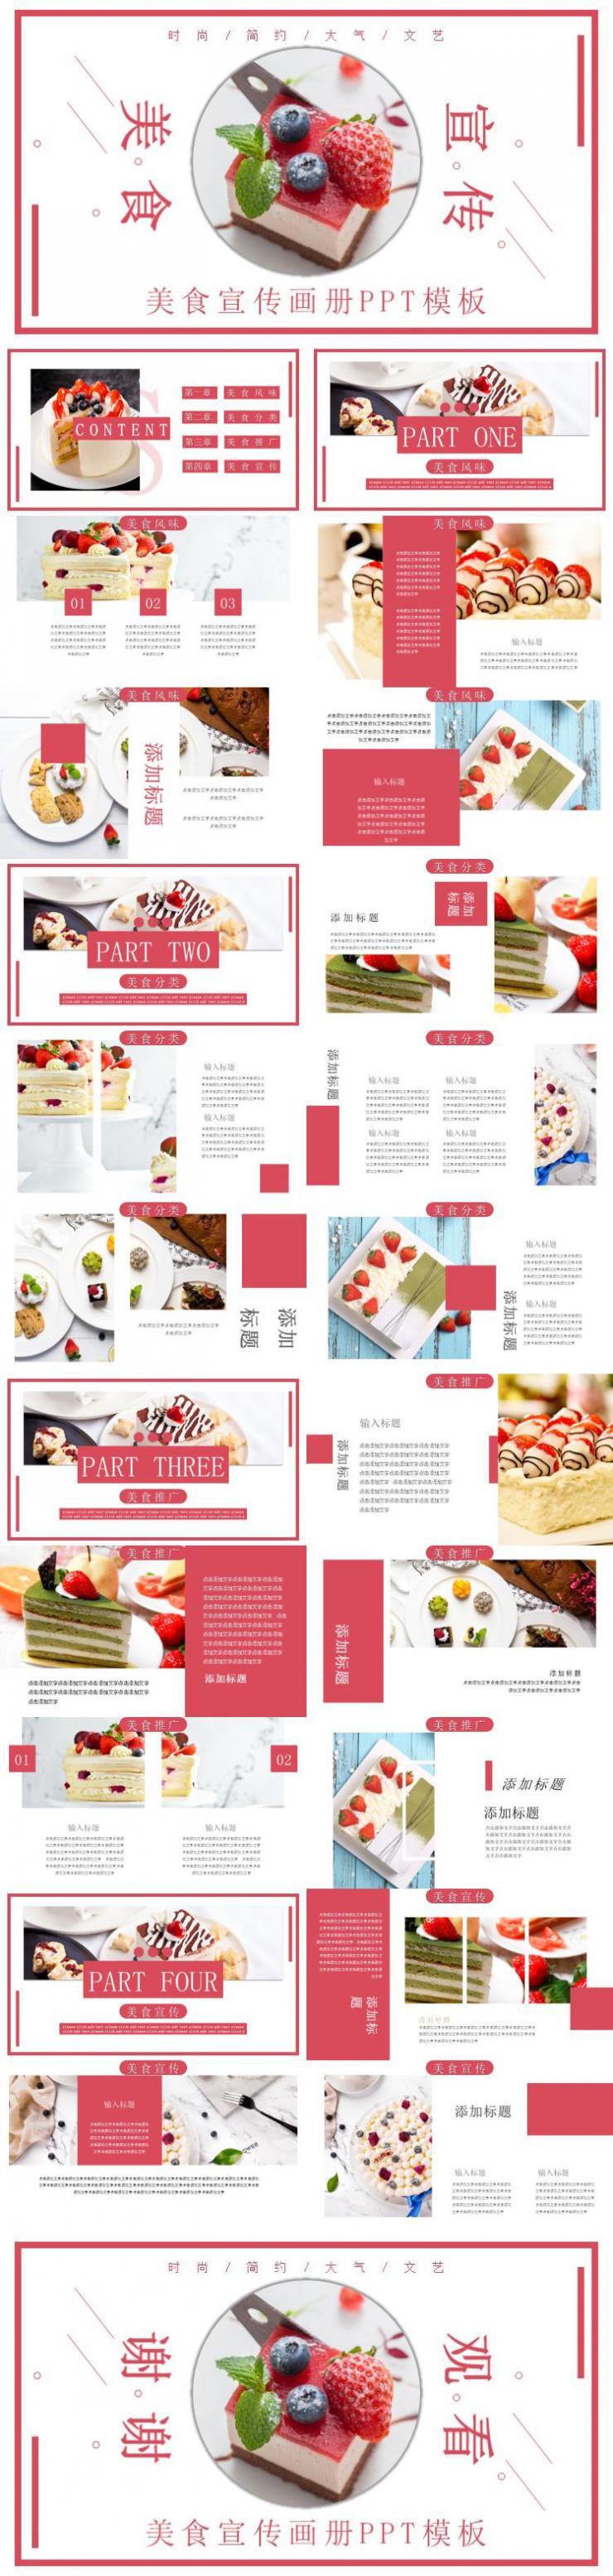 美食宣传PPT模板下载